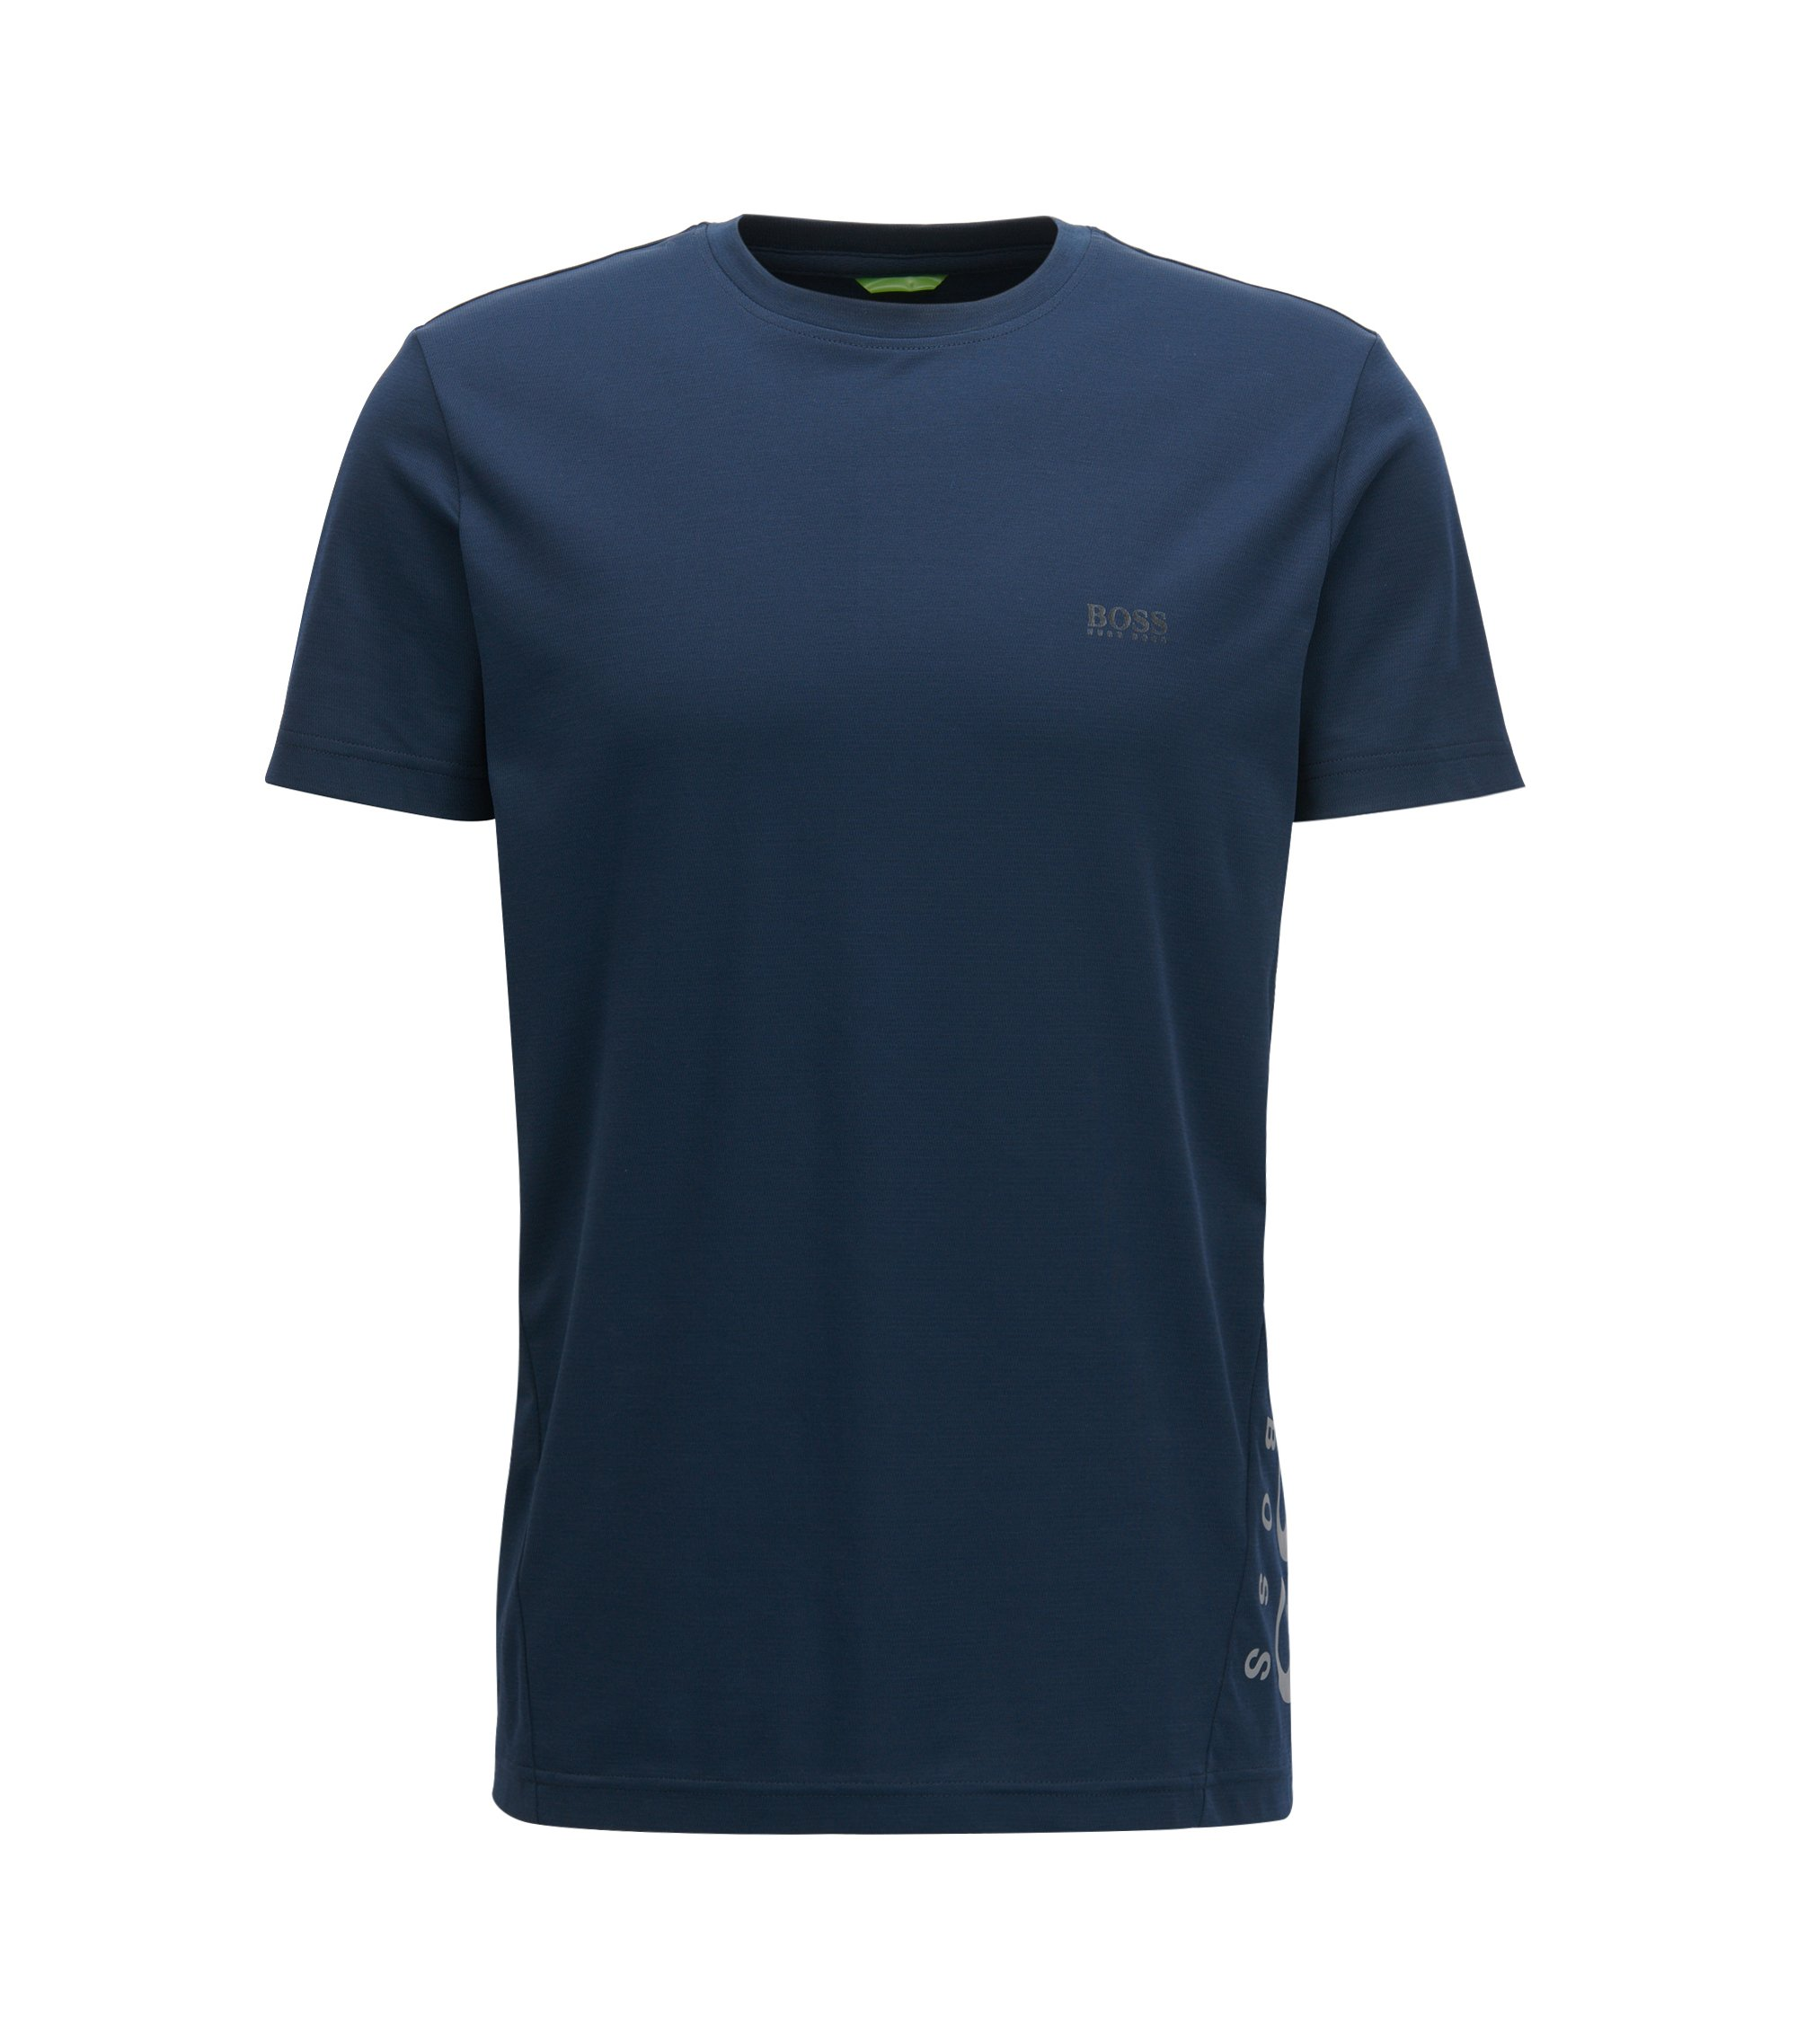 T-shirt Slim Fit en coton mélangé avec gestion de l'humidité, Bleu foncé